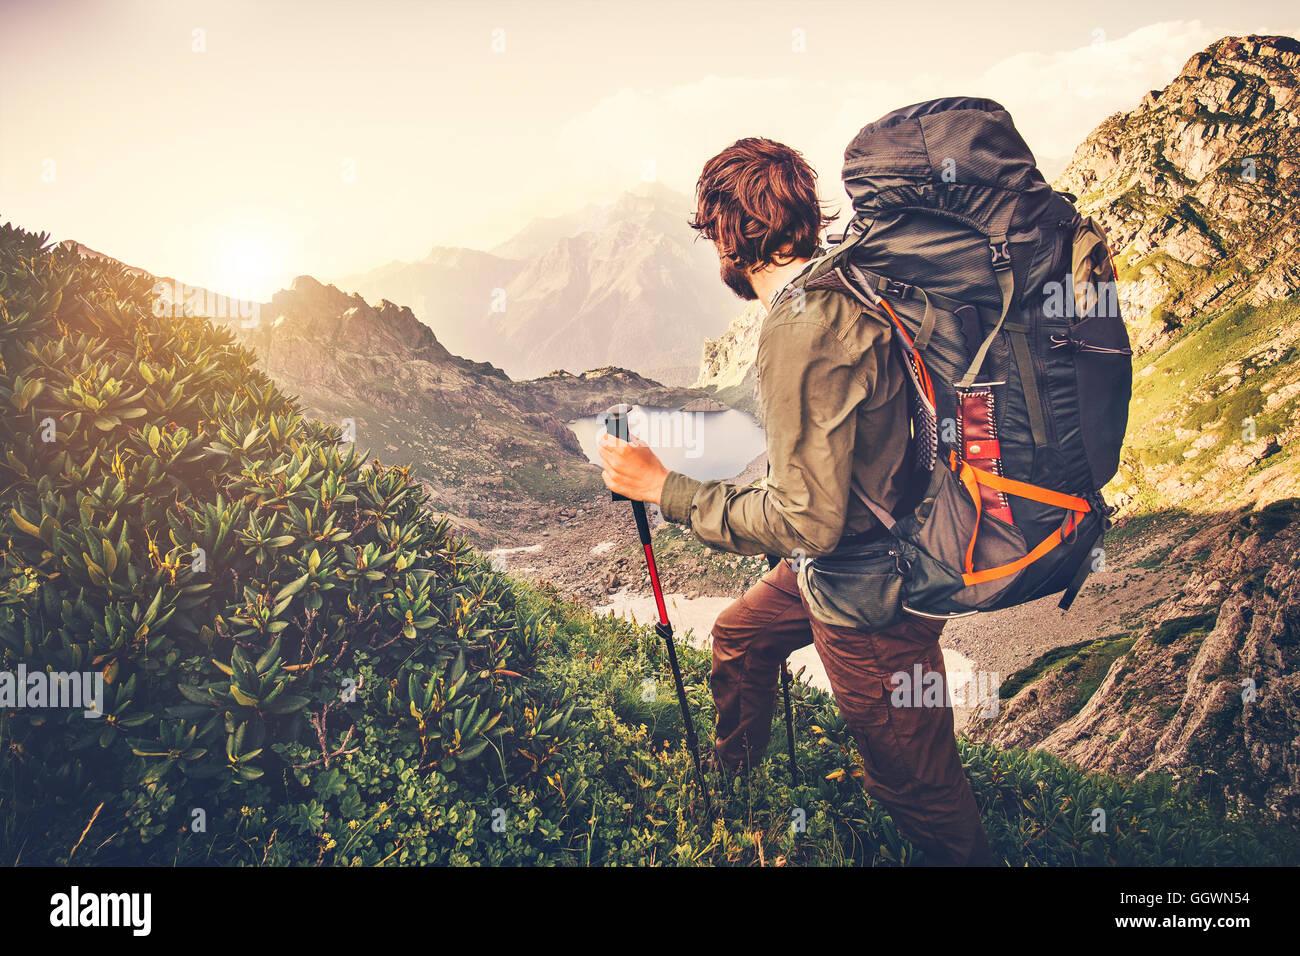 Hombre viajero con mochila de viaje de montañismo concepto de estilo de vida en el lago y las montañas Imagen De Stock